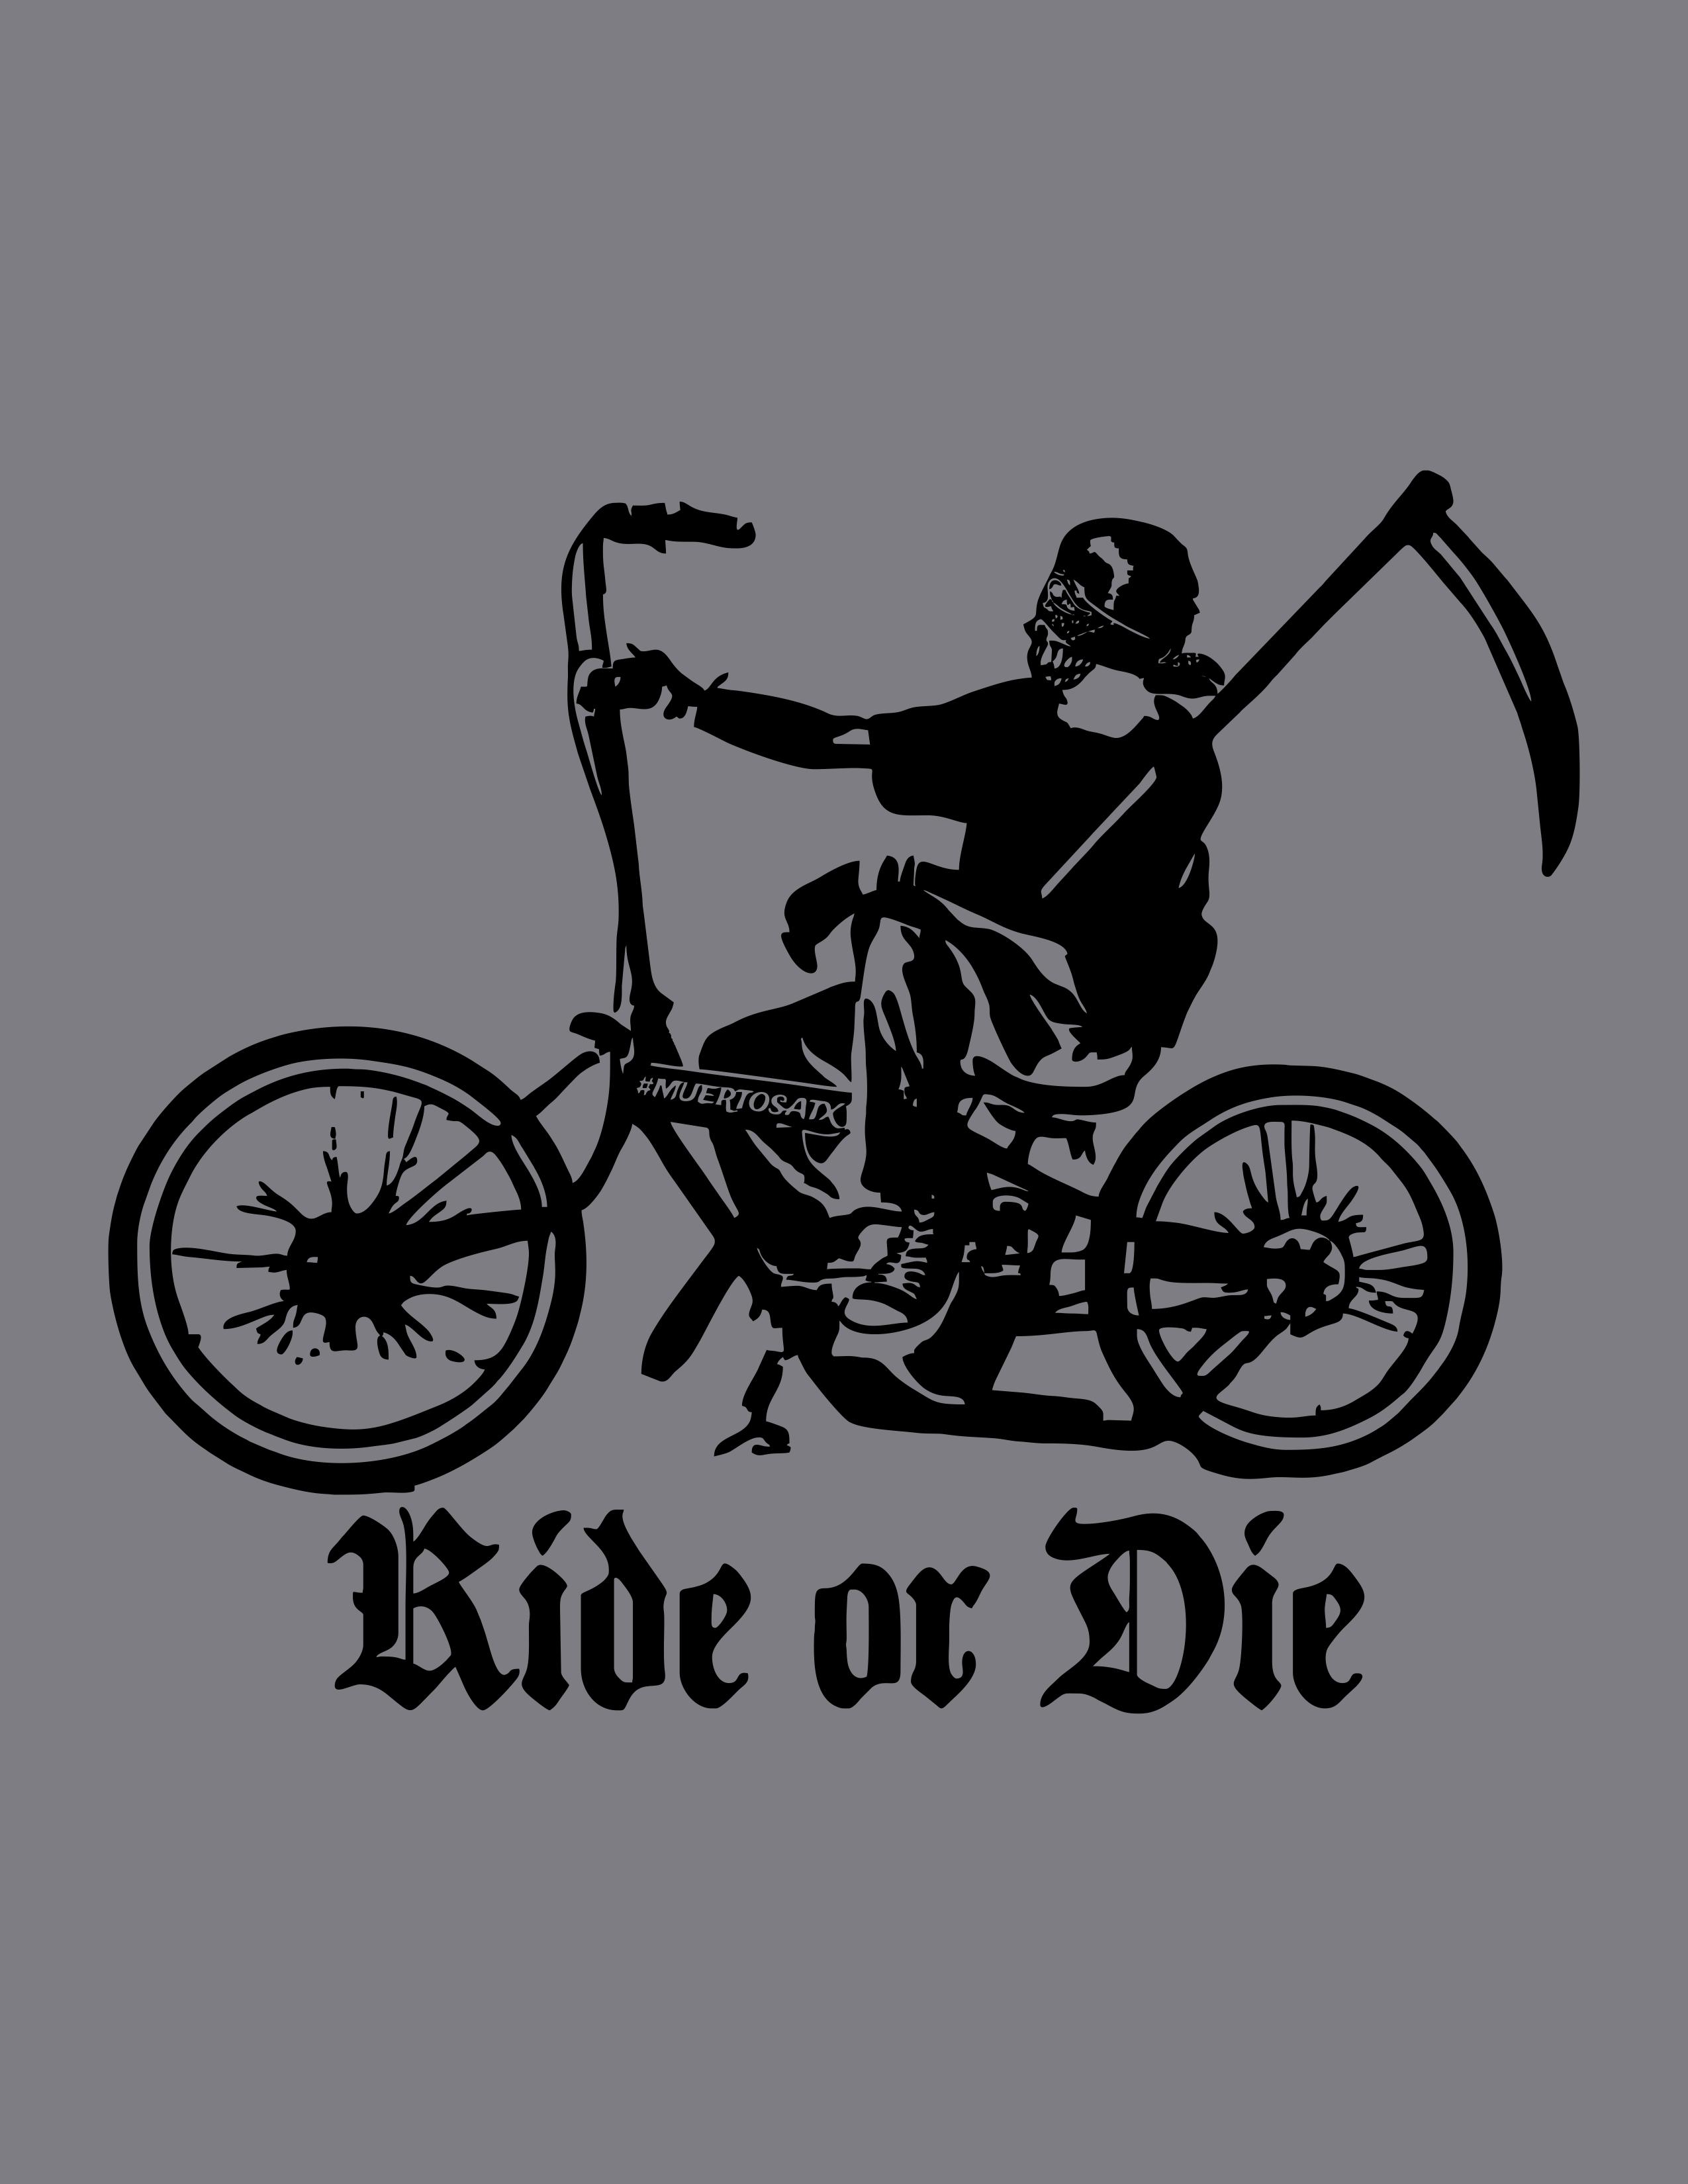 ride or die 2018